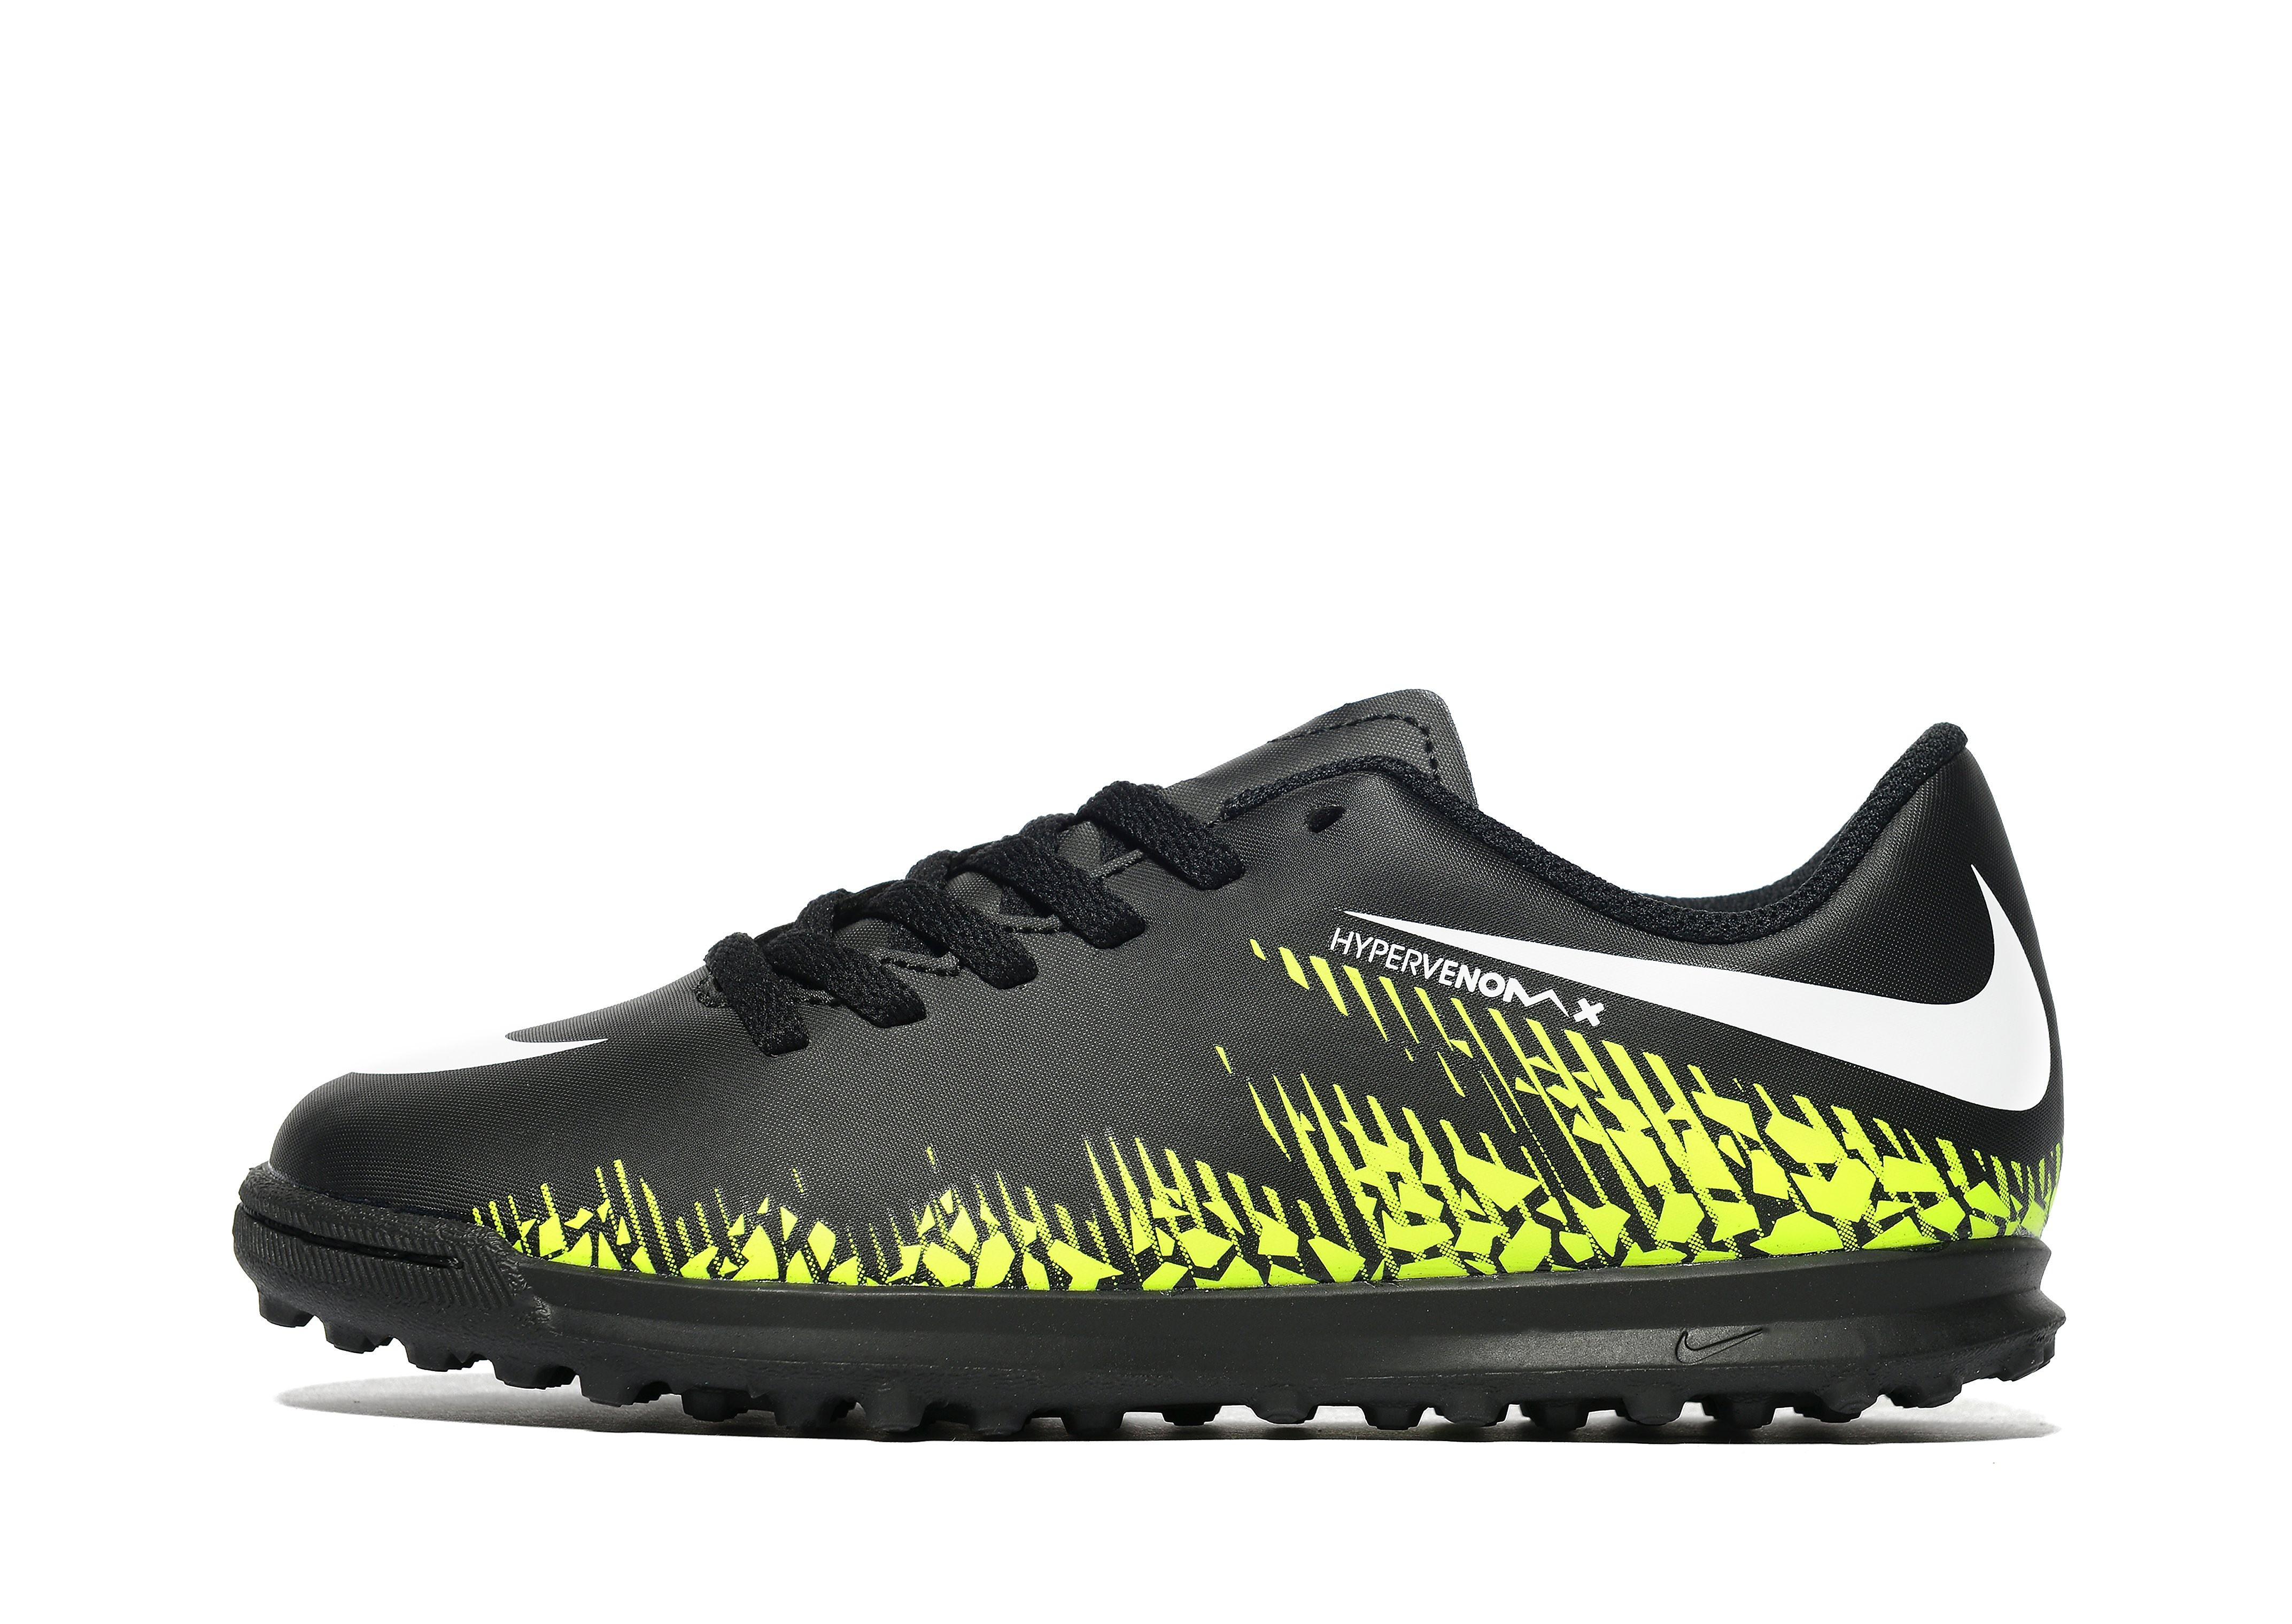 Nike Dark Lightning Hypervenom Phade II Turf Children